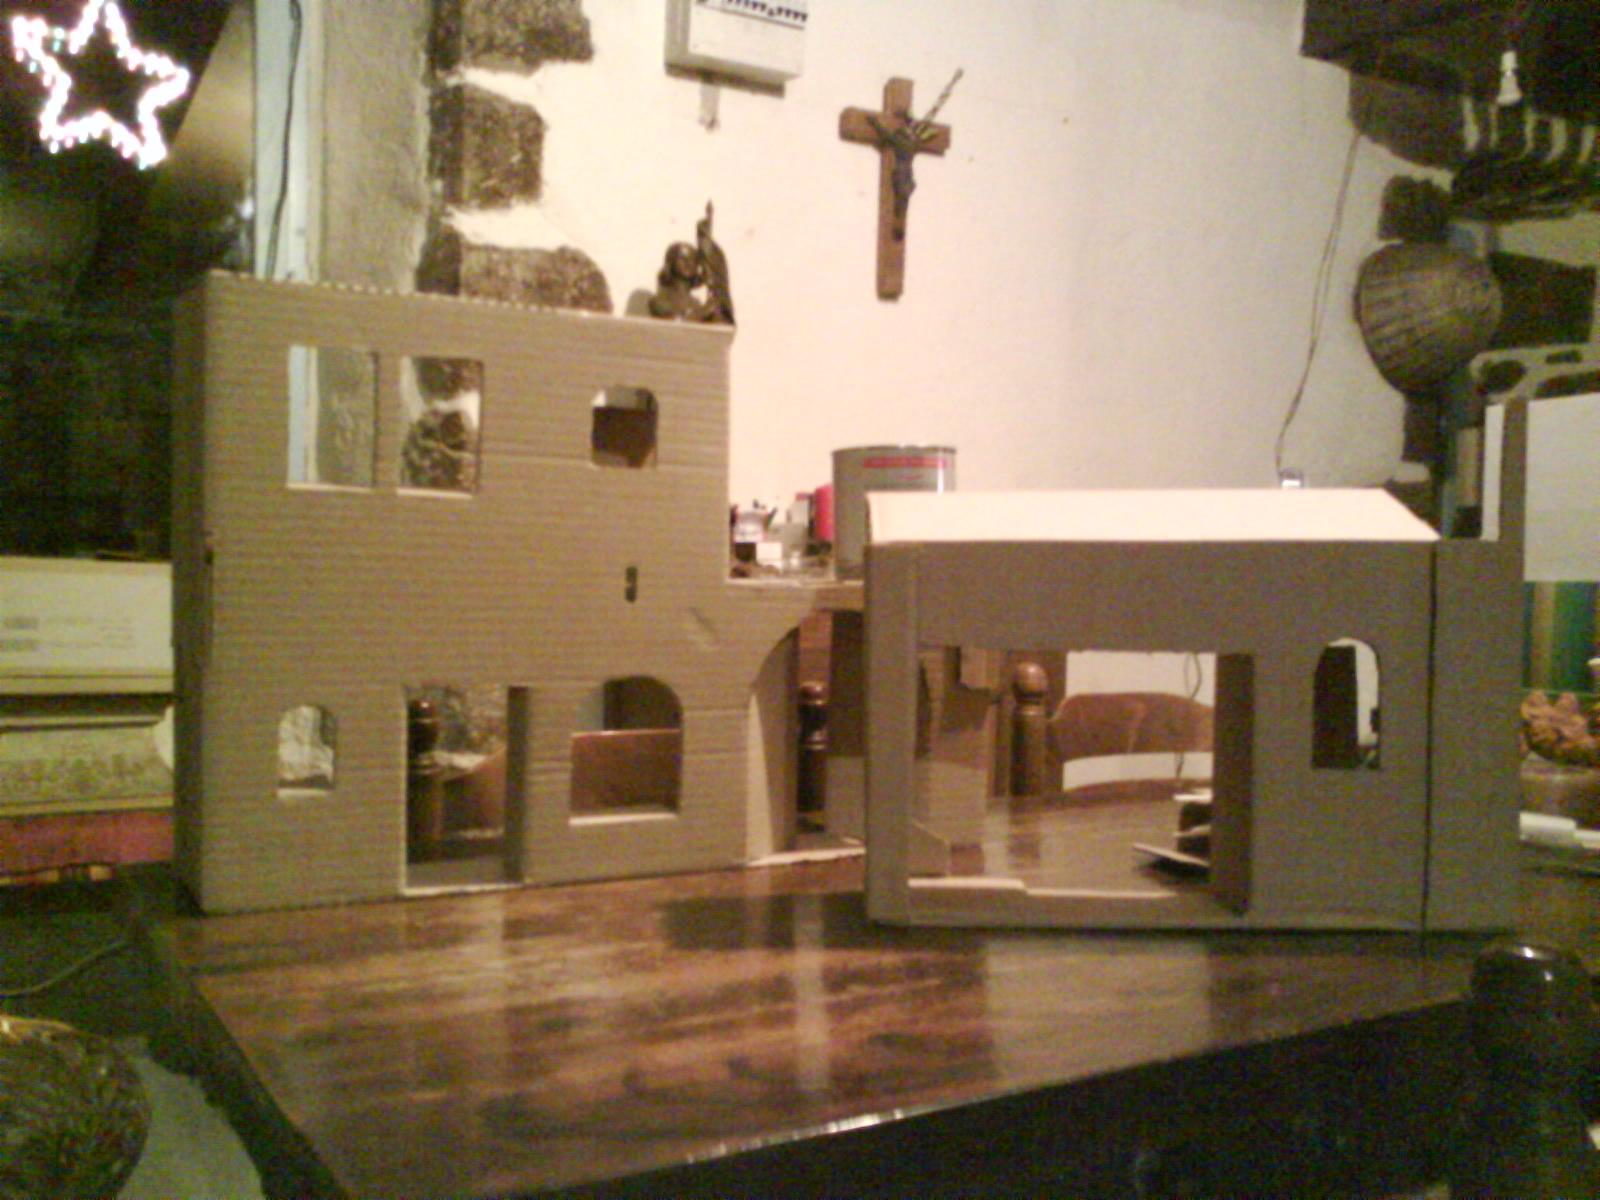 2008 d cembre 23 le blogue du ma tre chat lully - Fabrication de decoration de noel ...